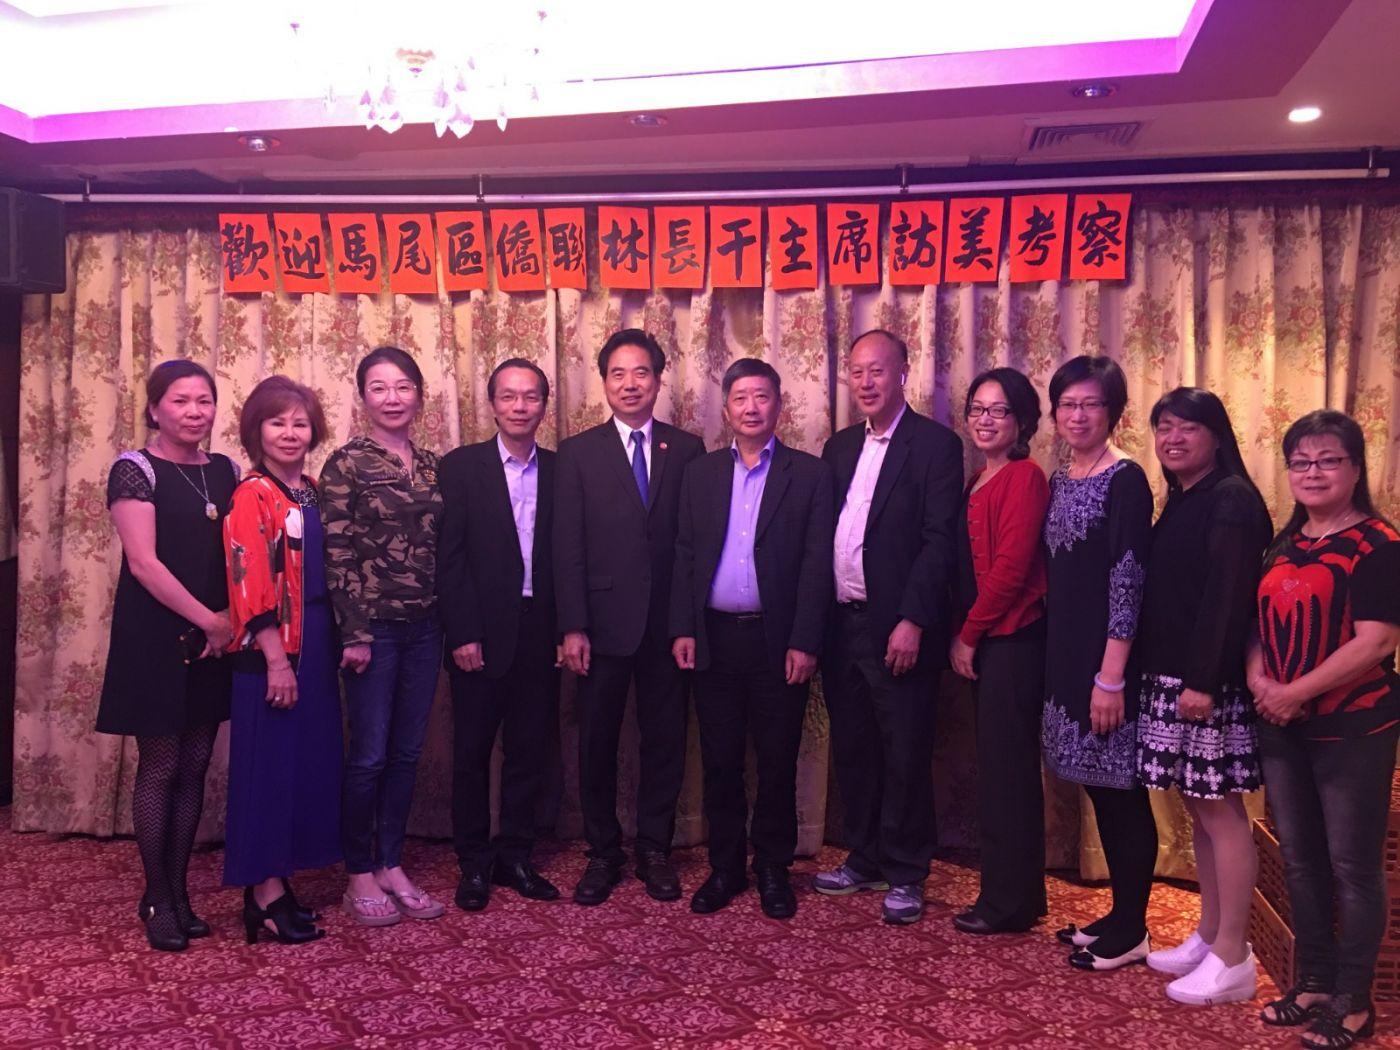 纽约閩籍侨社欢迎马尾区侨联访美代表团一行_图1-37